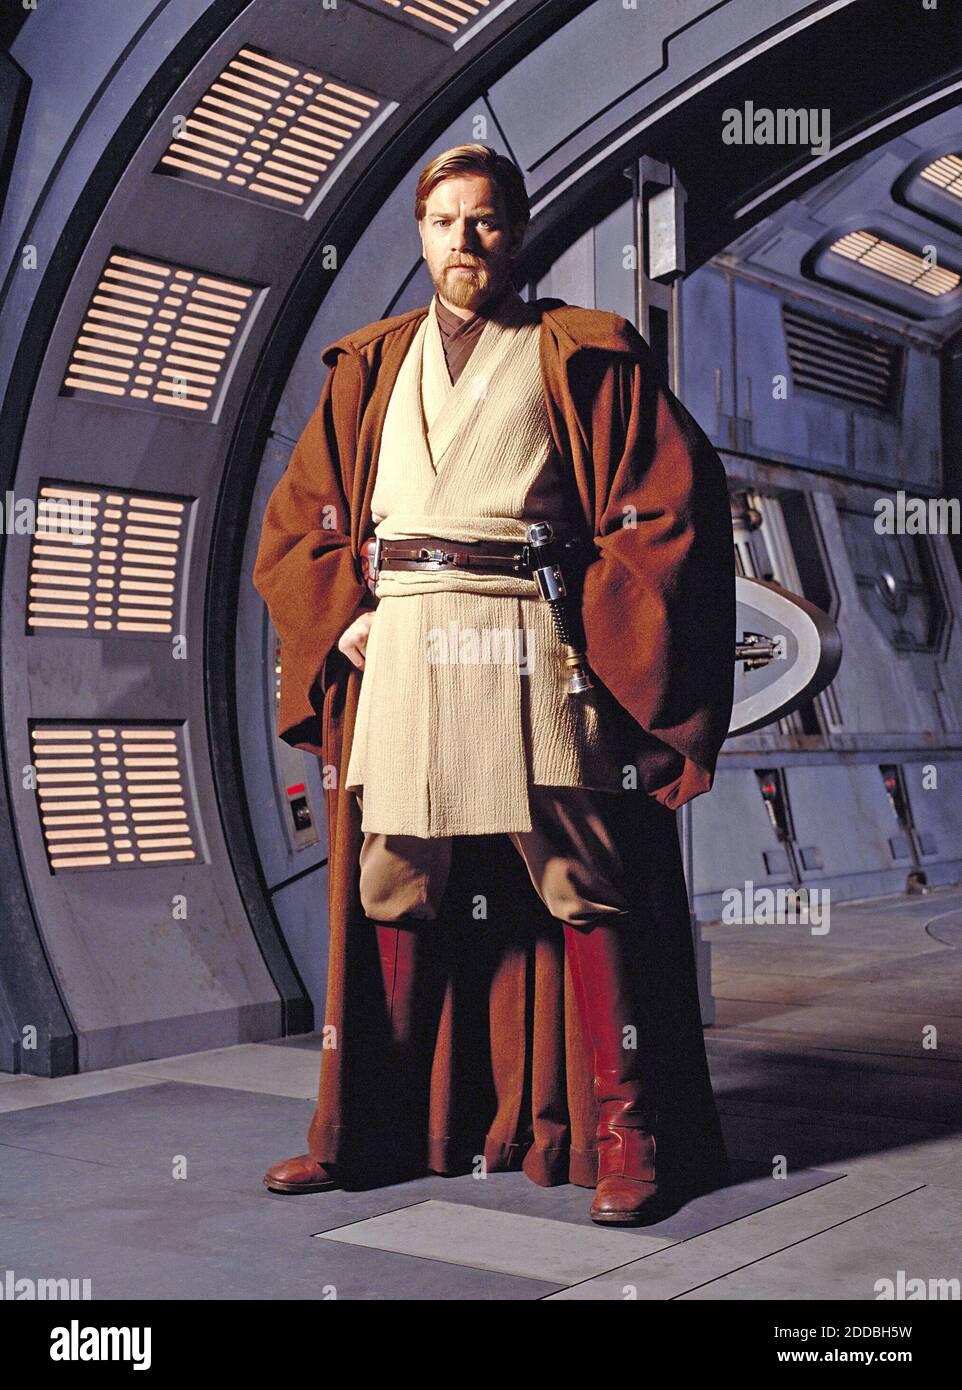 NO HAY PELÍCULA, NO HAY VÍDEO, NO hay televisión, NO HAY DOCUMENTAL - Obi-Wan Kenobi (Ewan McGregor) en sus batas Jedi, en Star Wars. Foto por KRT/ABACAPRESS.COM Foto de stock